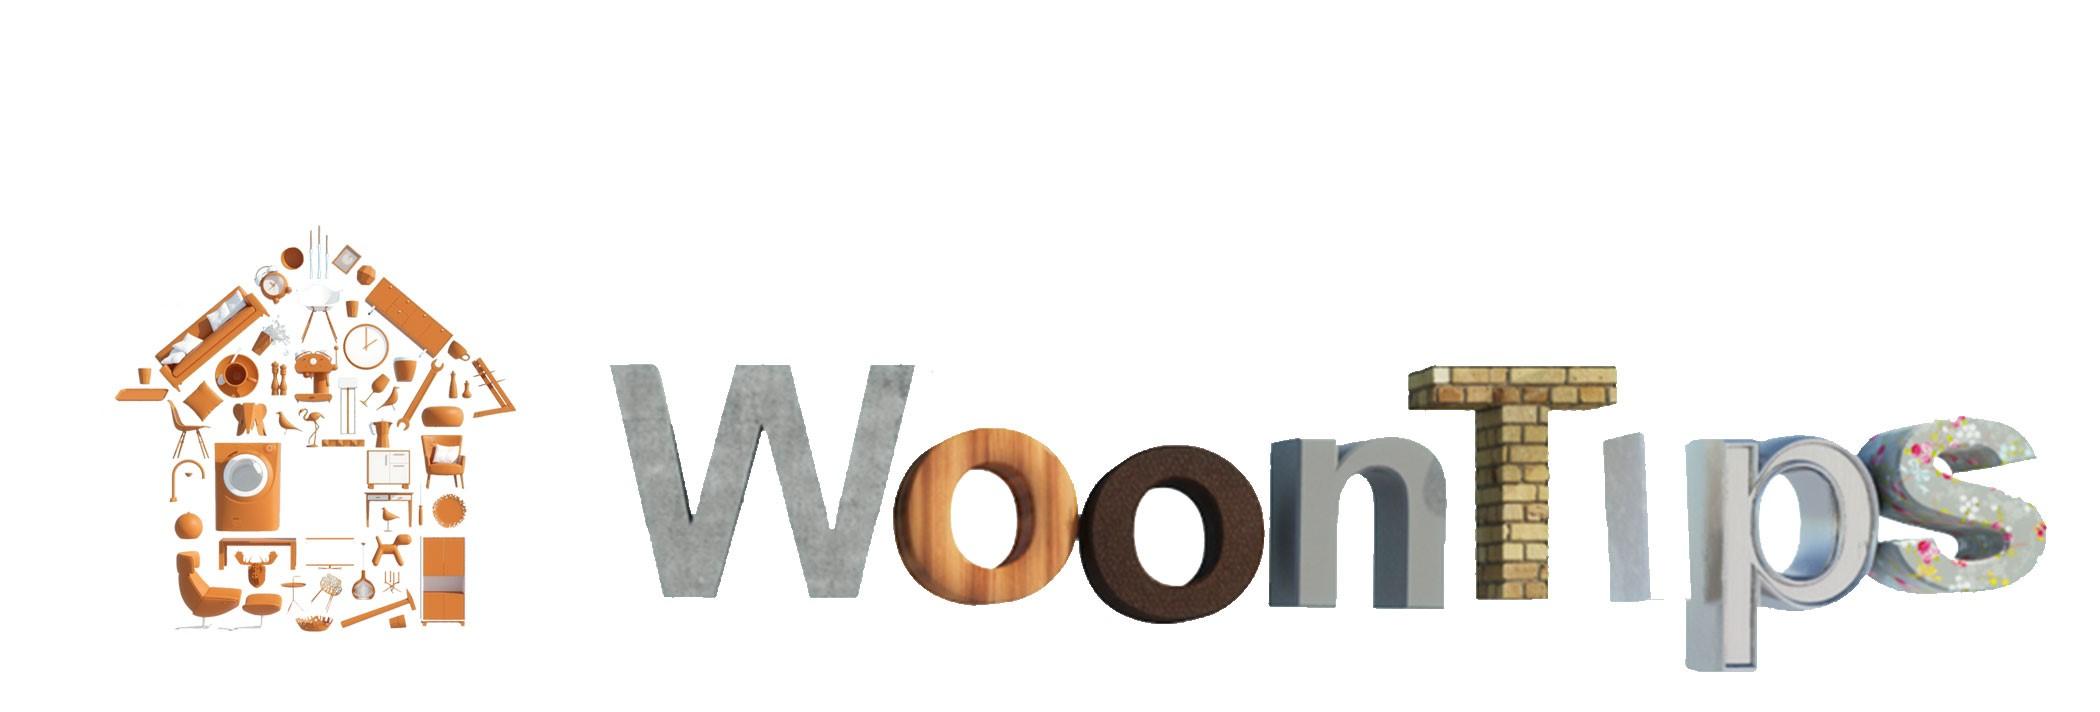 Wij Komen Op TV! Winters Mediation Binnenkort Te Zien Bij RTL 4: Woontips!